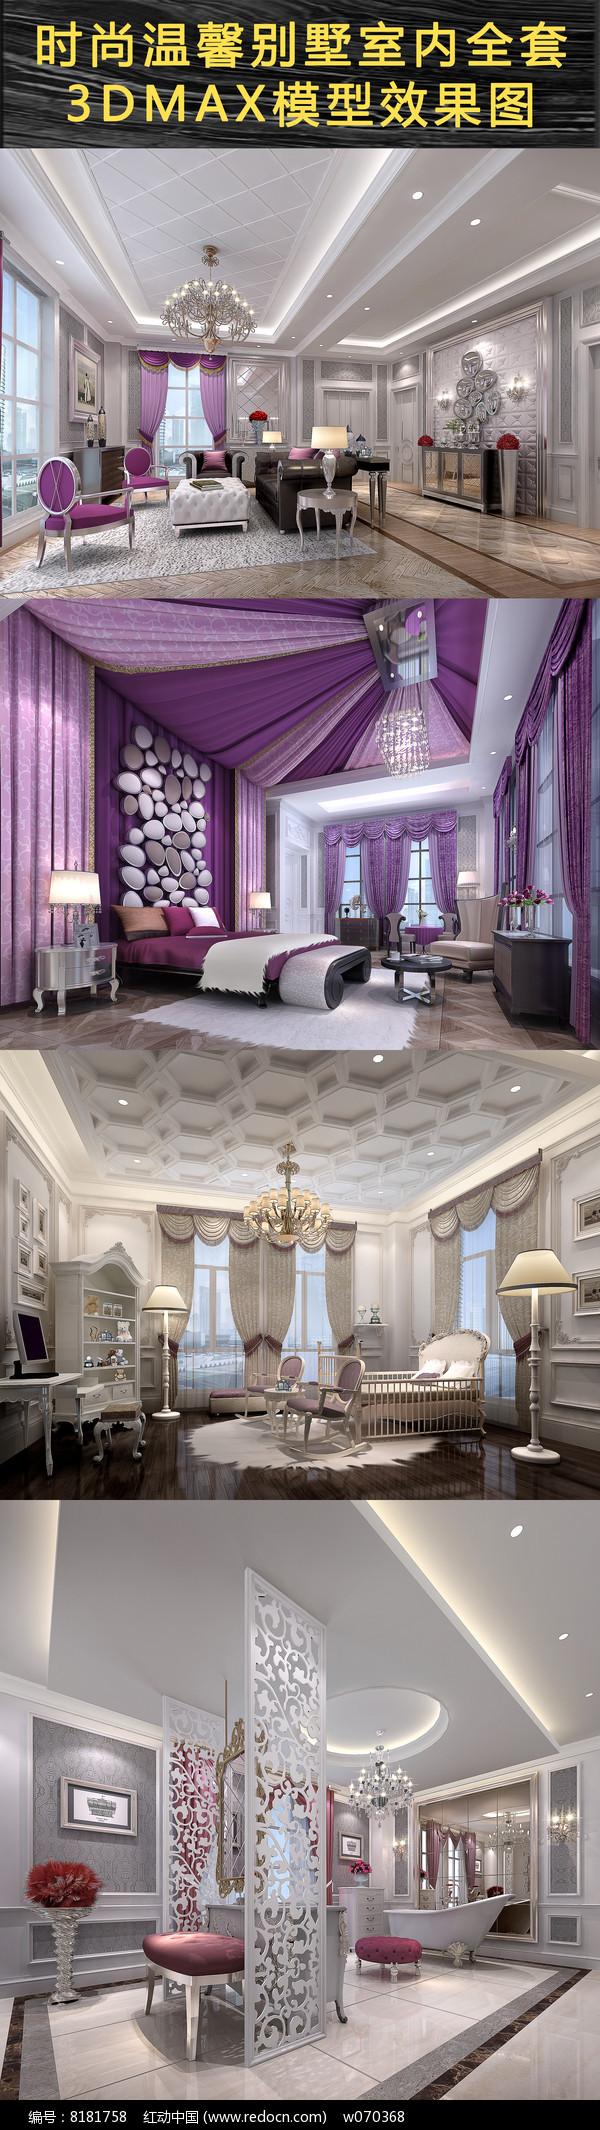 时尚温馨别墅室内全套3DMAX模型效果图图片